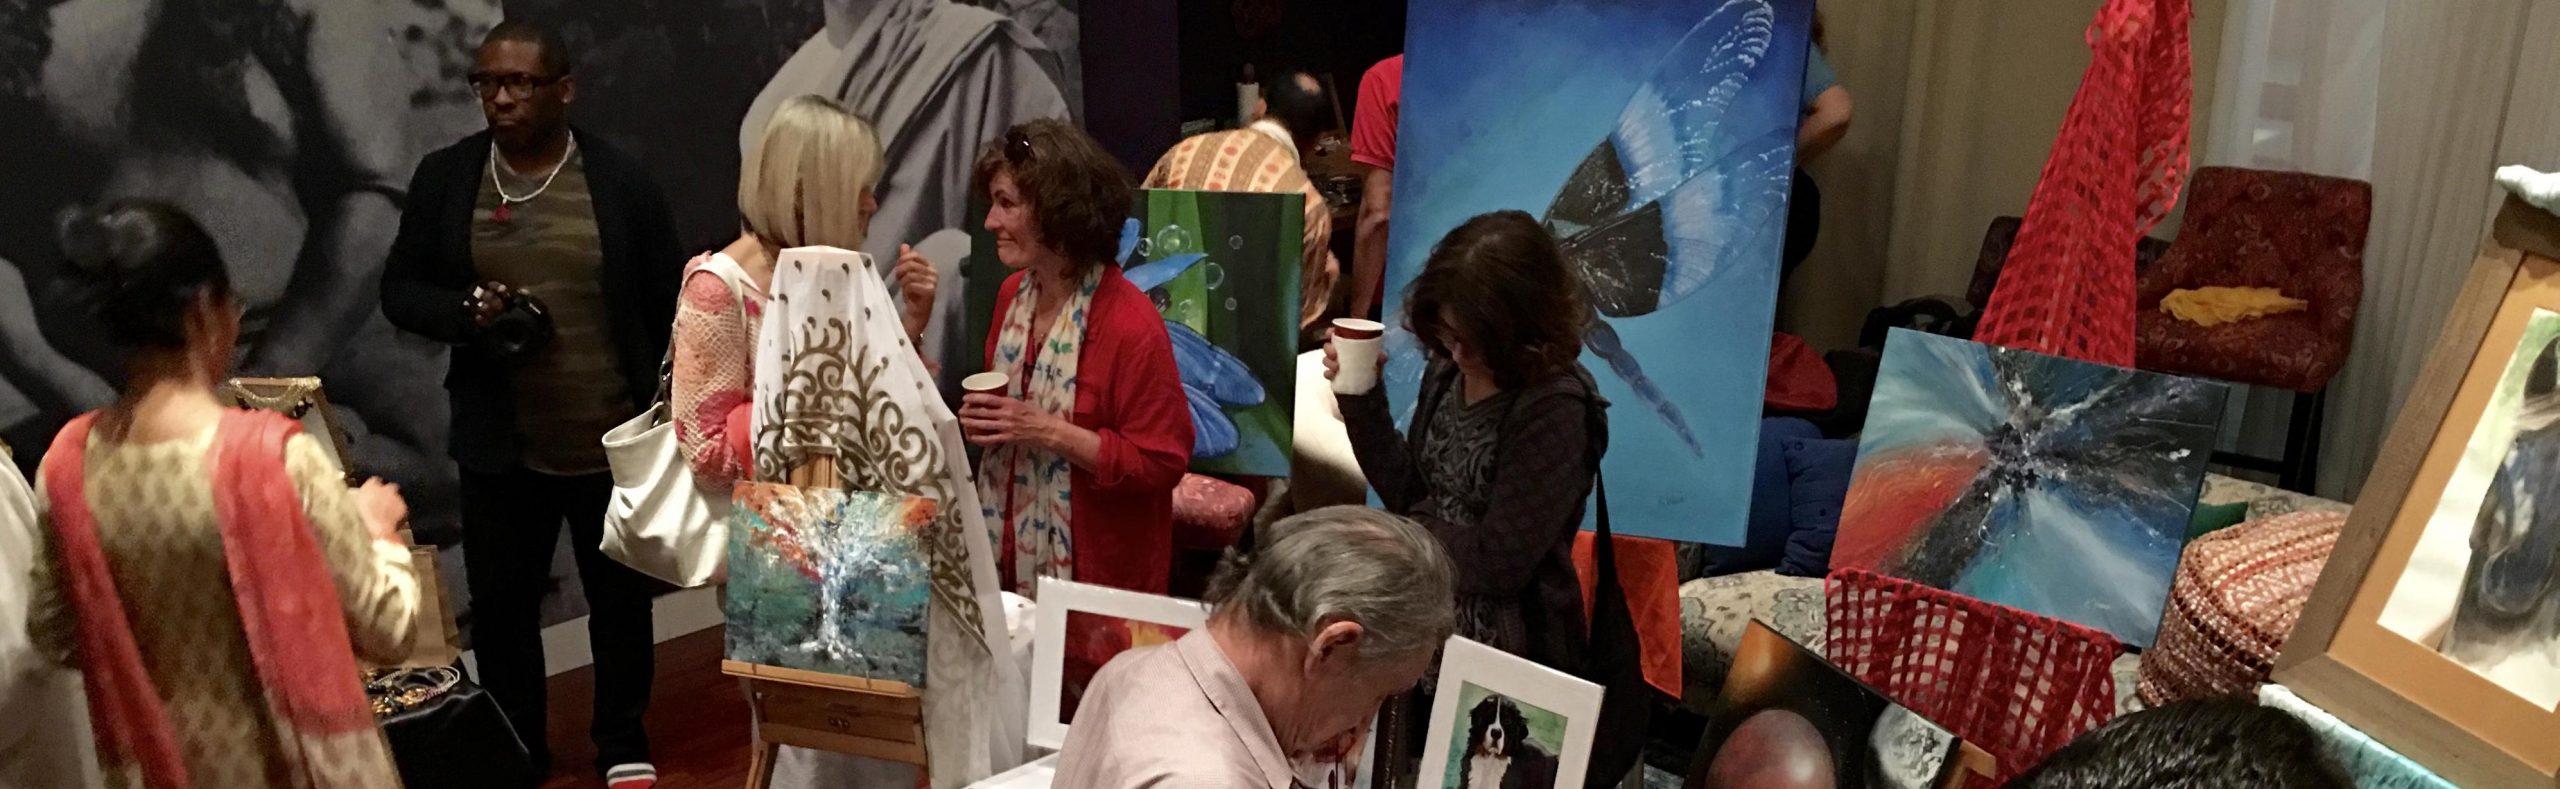 Joyful Arts Festival